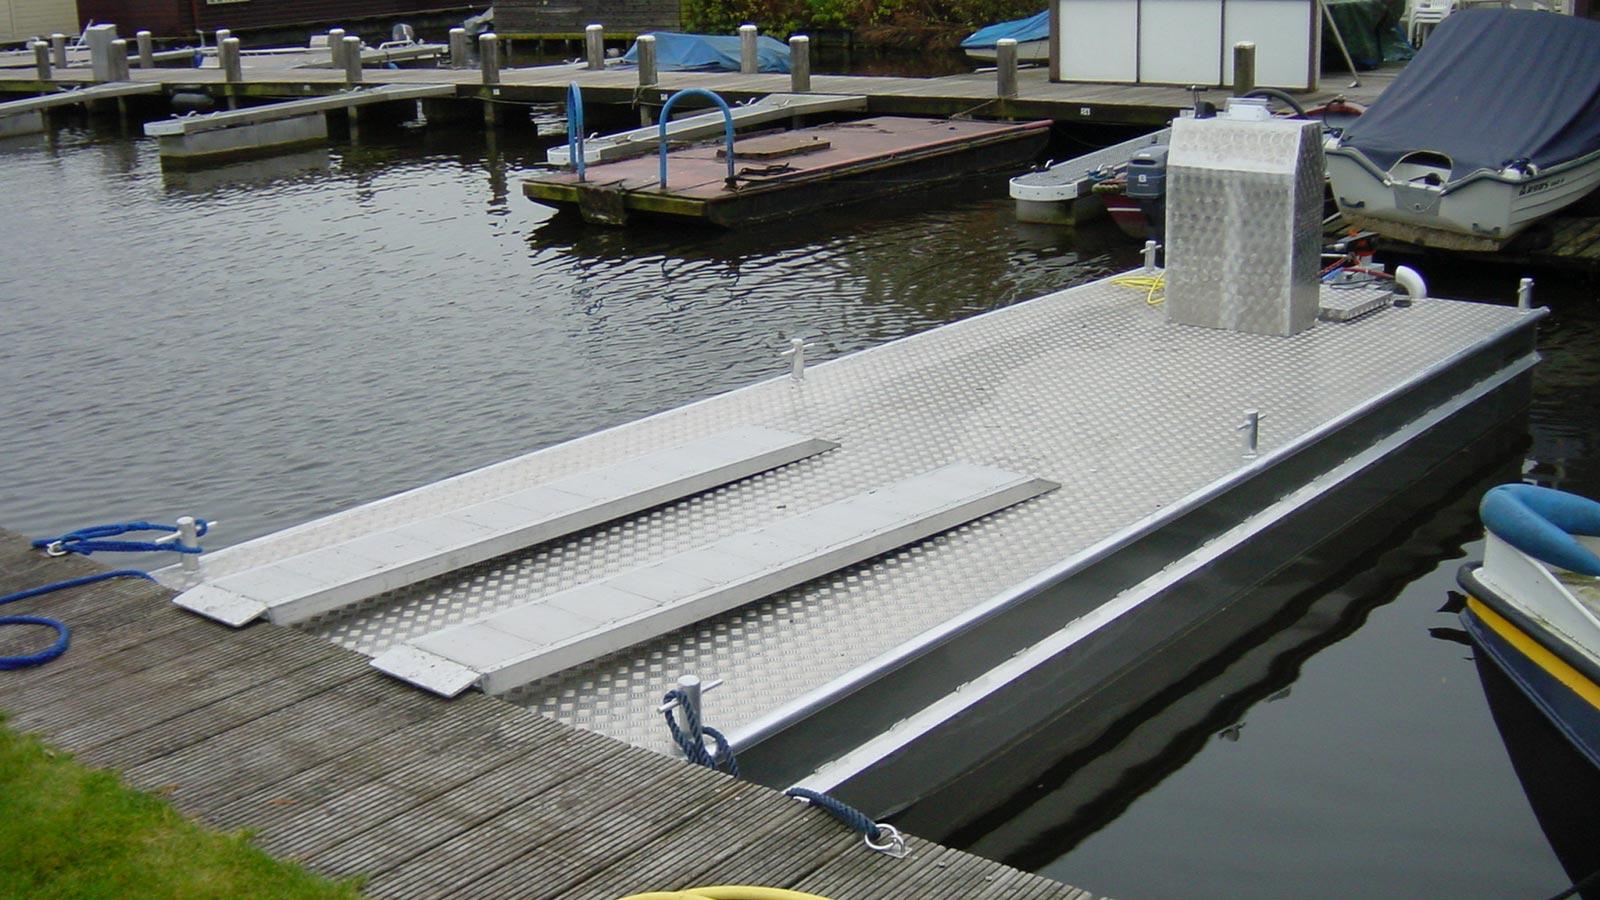 AluminiumJon.nl-Ponton 6 meter-work pontoons of 3, 4, 6, 8 and 14 meters of aluminium.